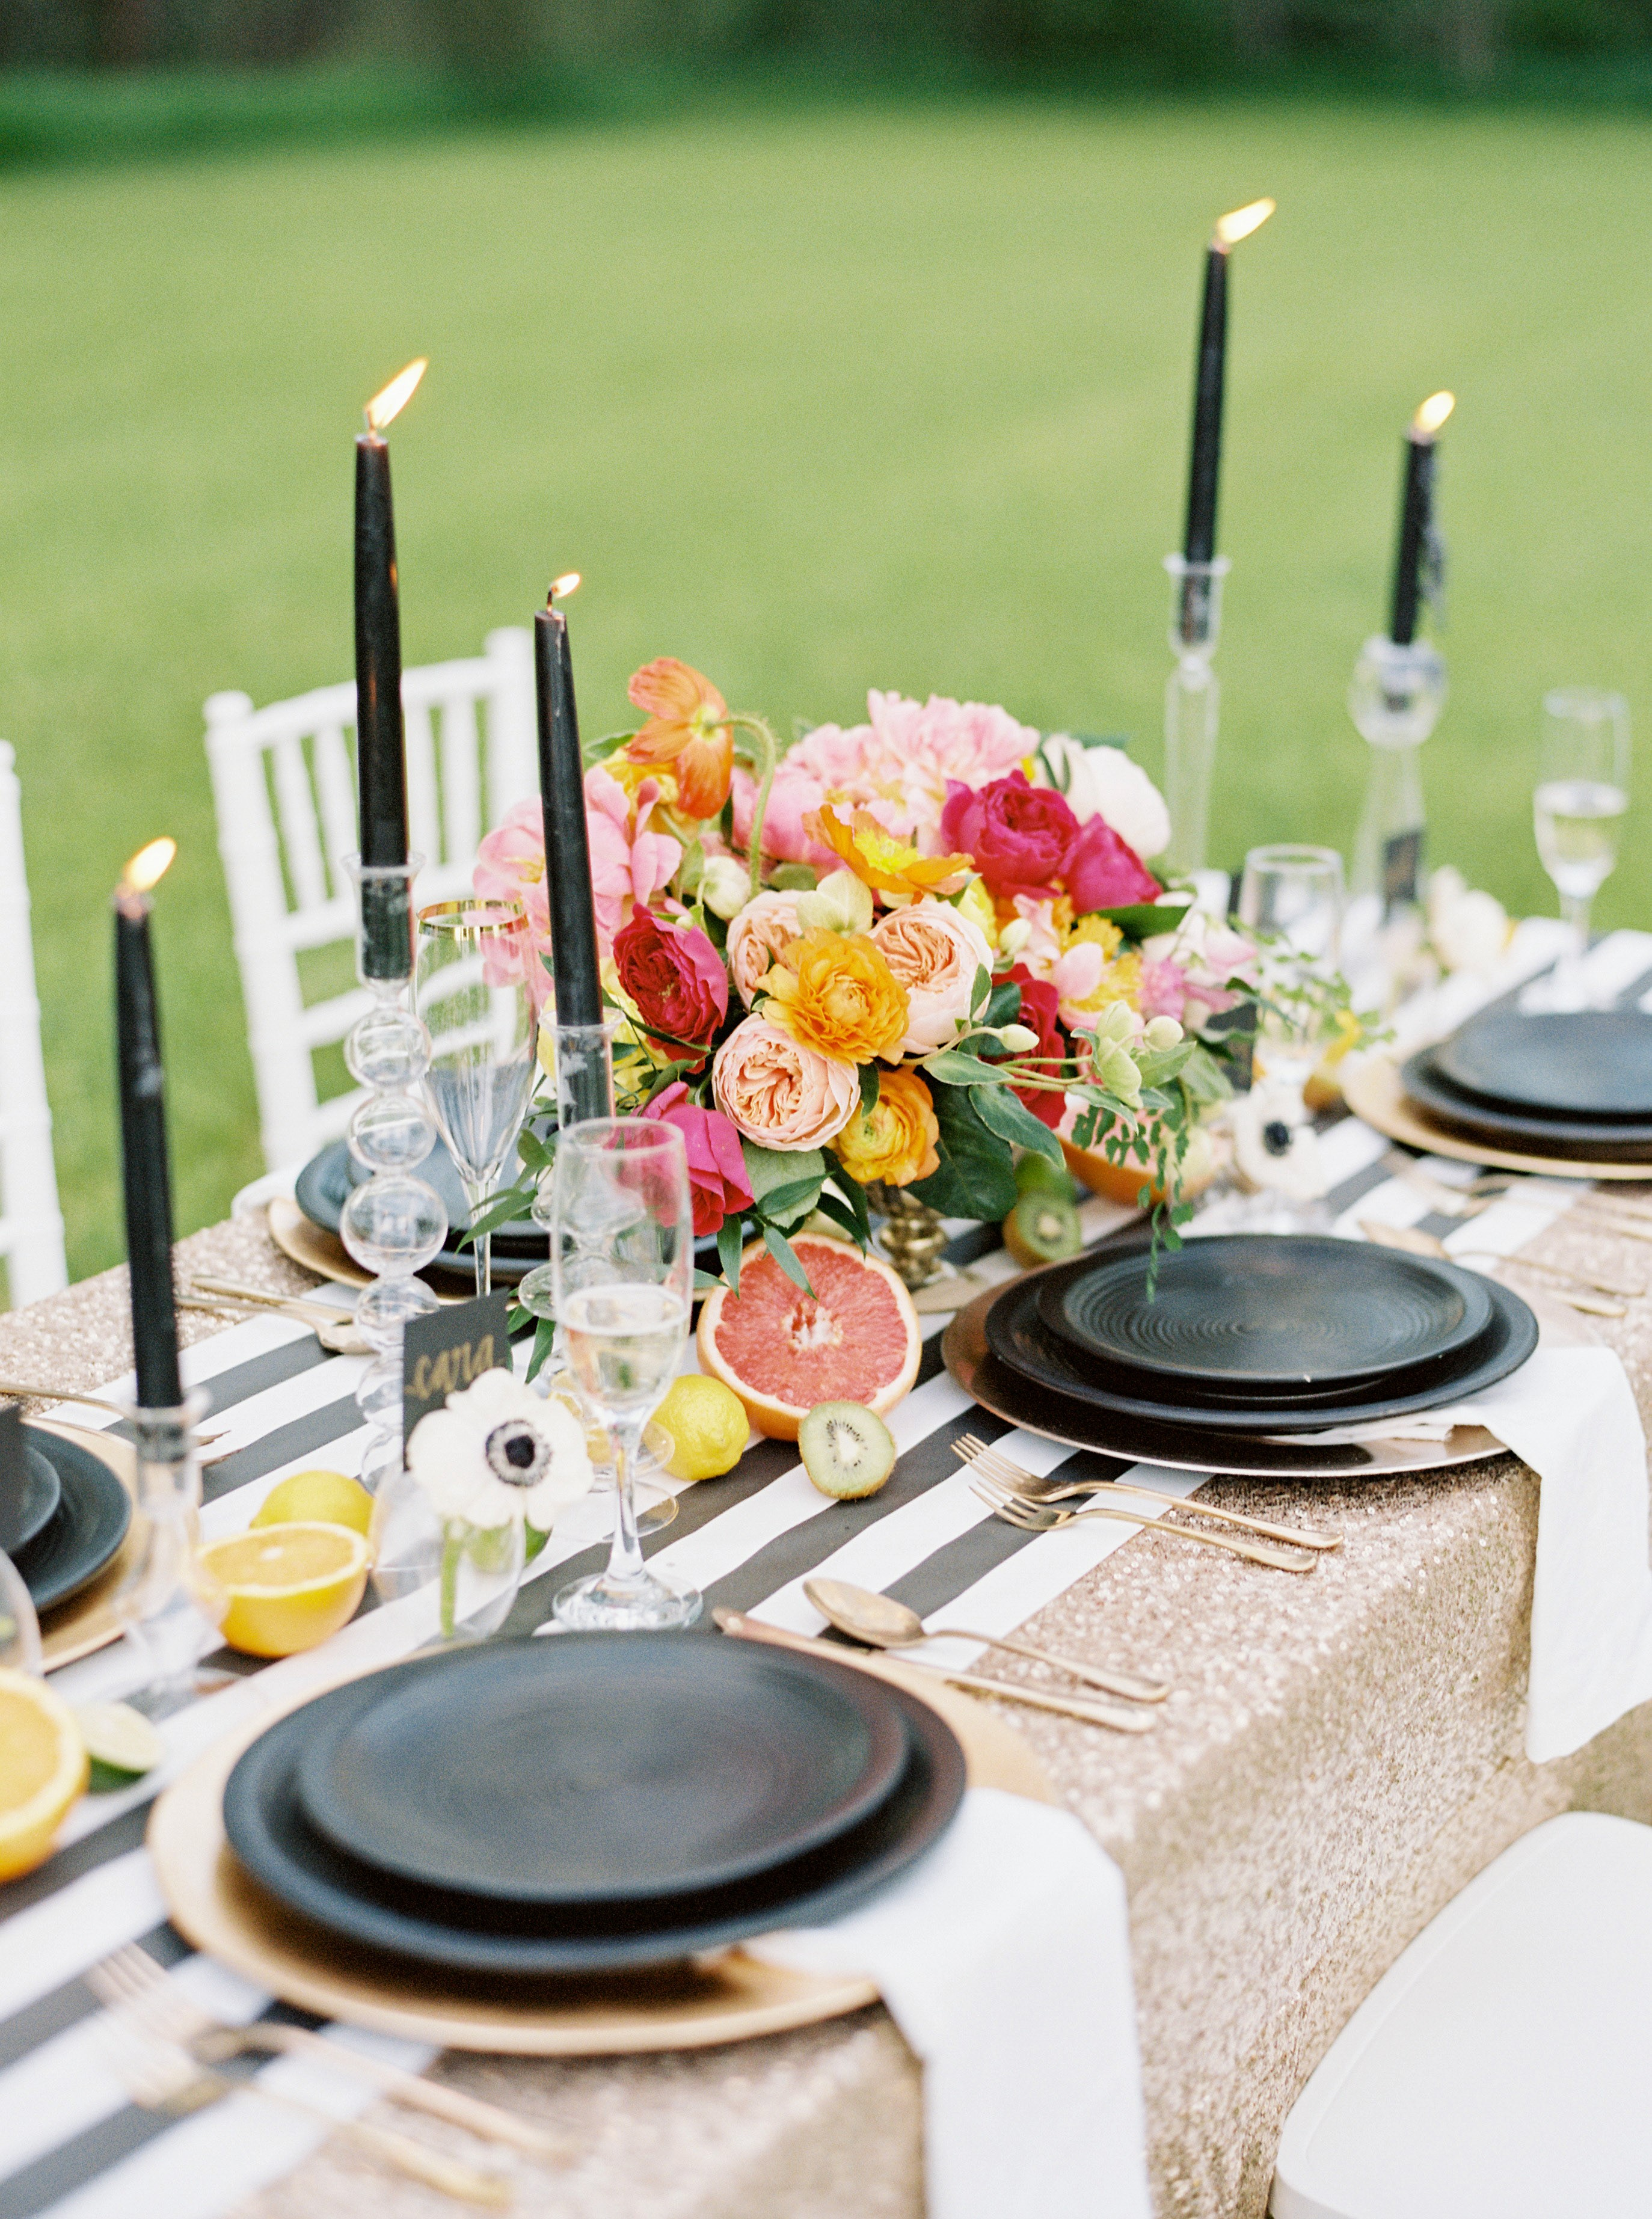 Modern black, white and bright wedding centerpiece